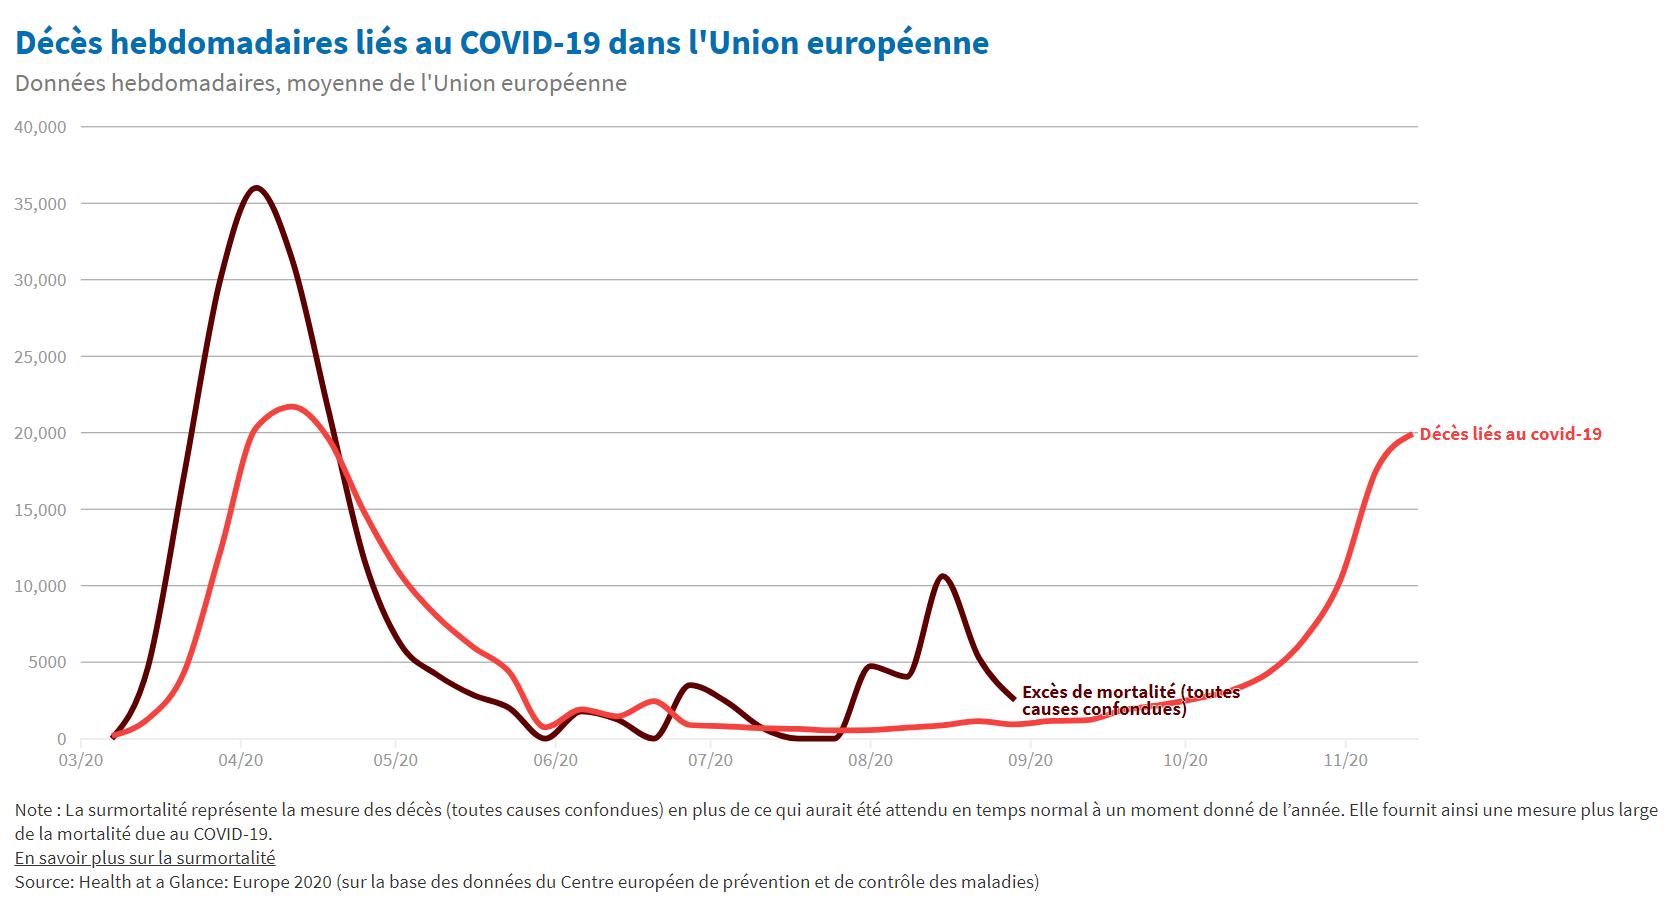 Flambée des cas de COVID-19 en Europe